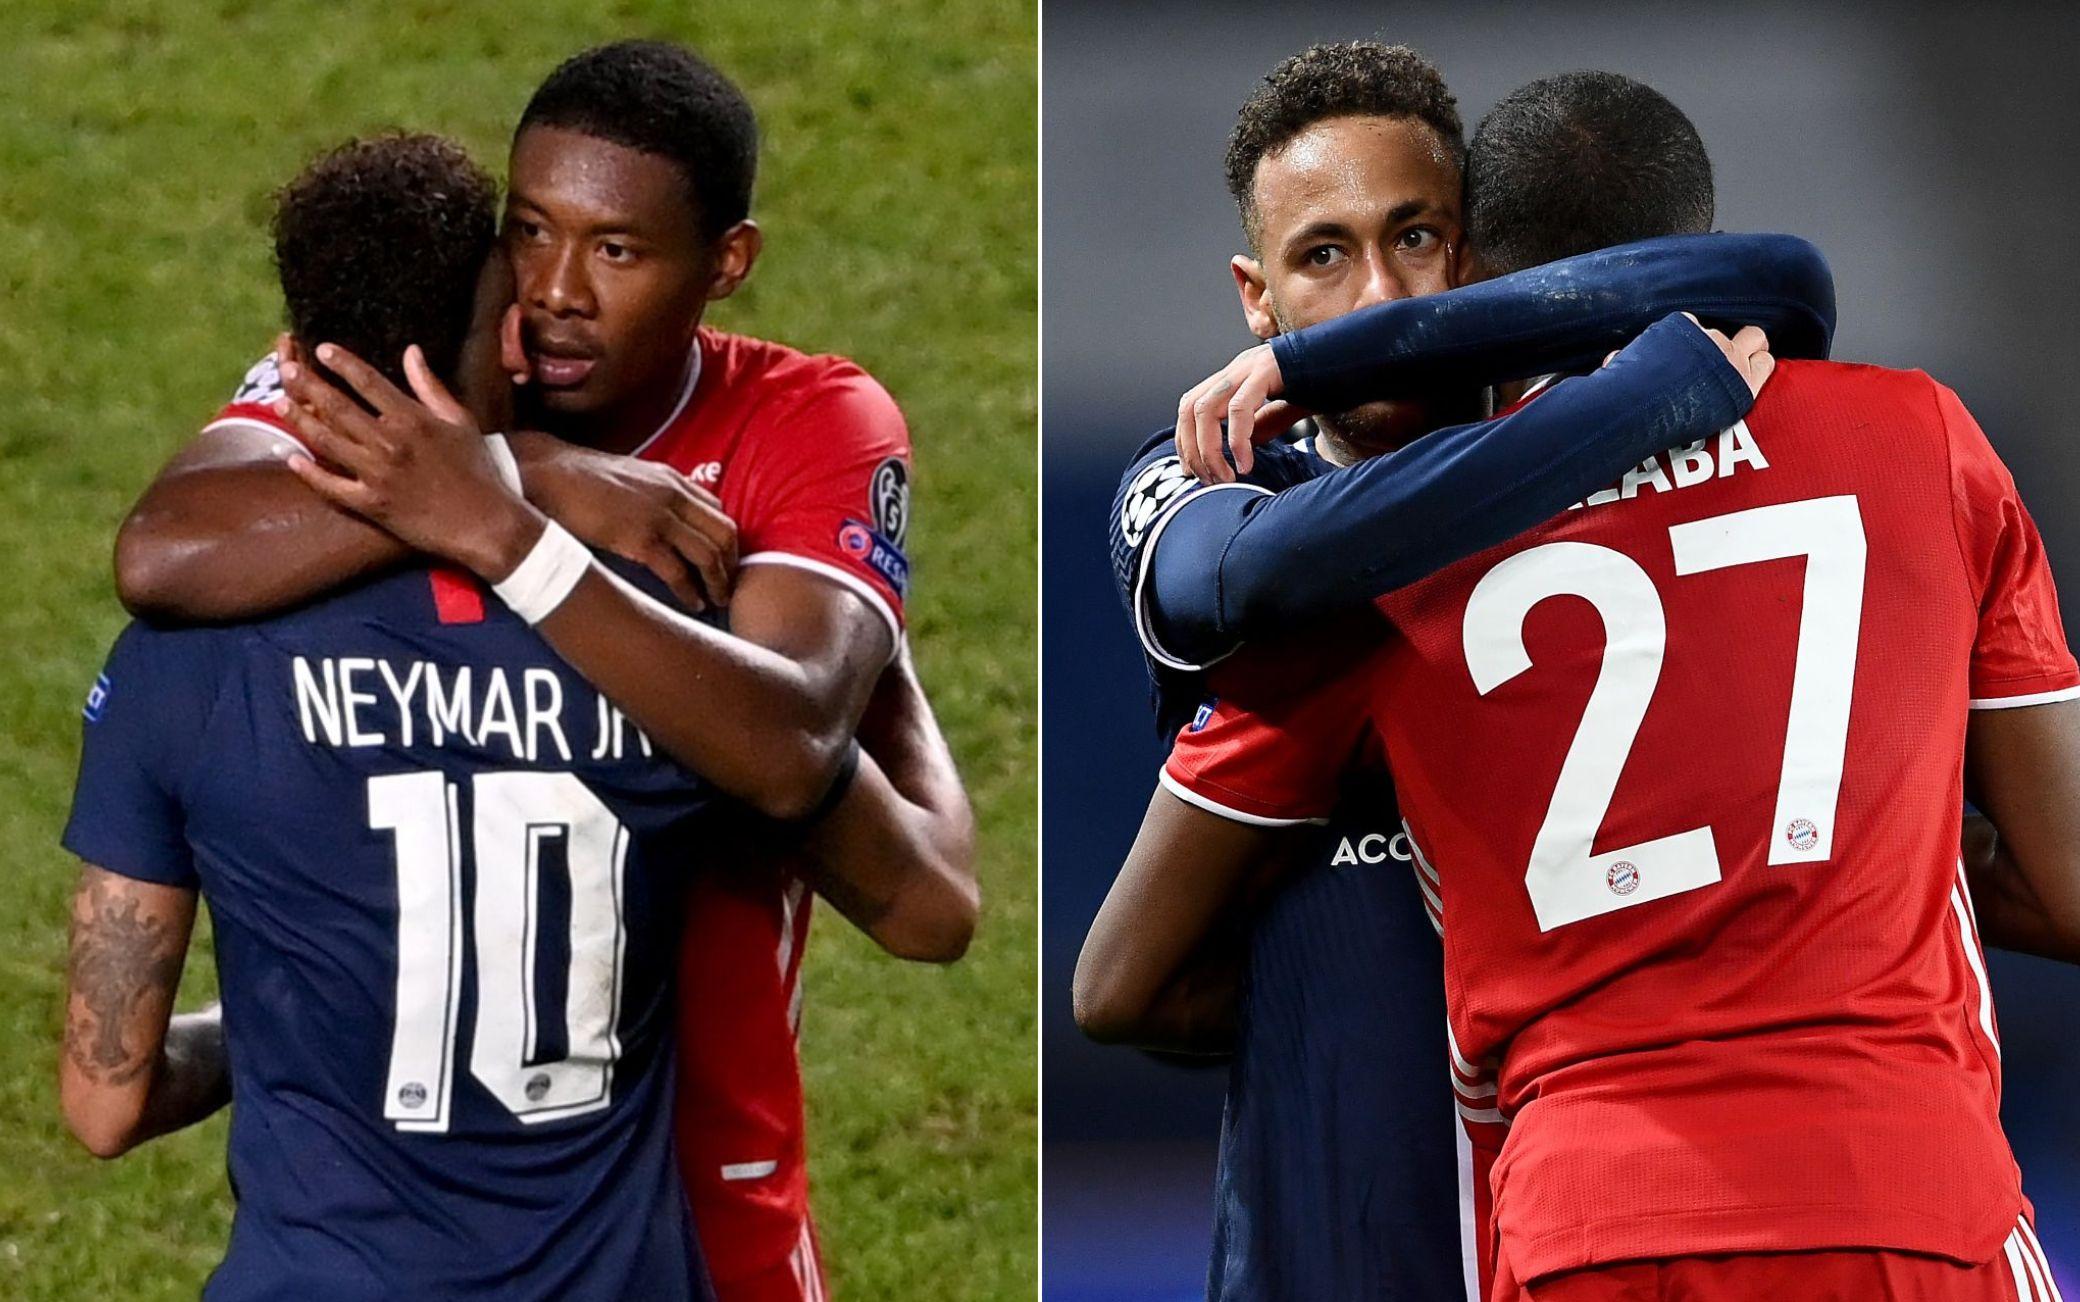 A sinistra l'abbraccio di Alaba a Neymar dopo la finale del 2020. A destra quello di Neymar a Alaba dopo i quarti vinti dal Psg